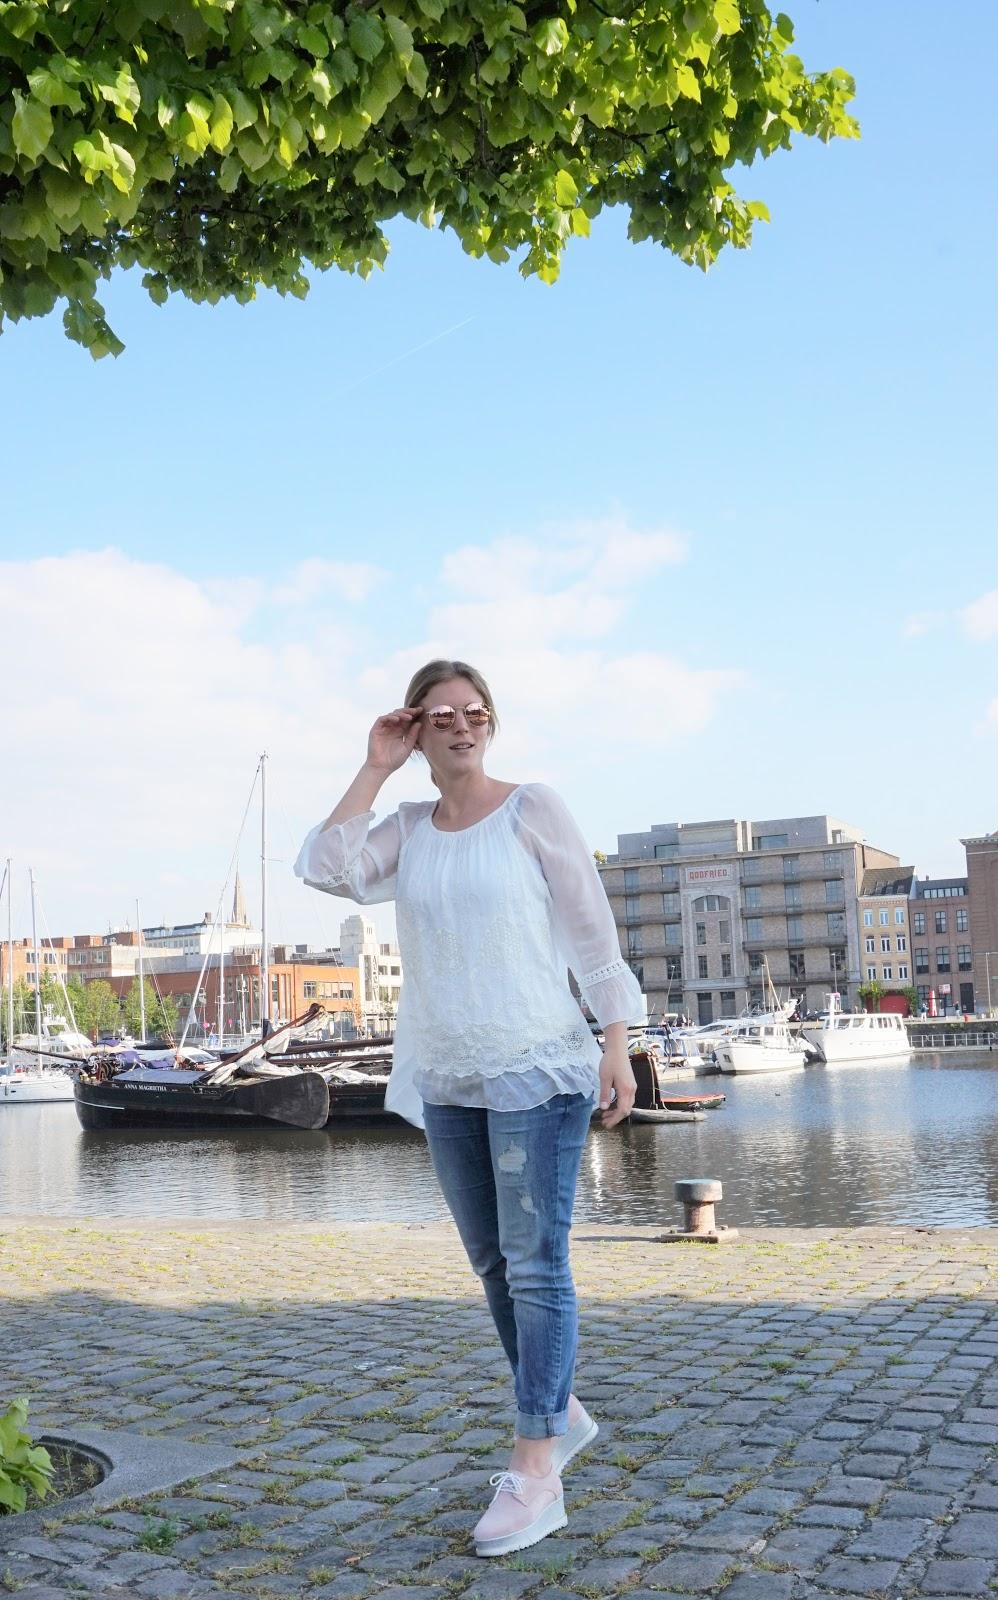 DSC06415 | Eline Van Dingenen